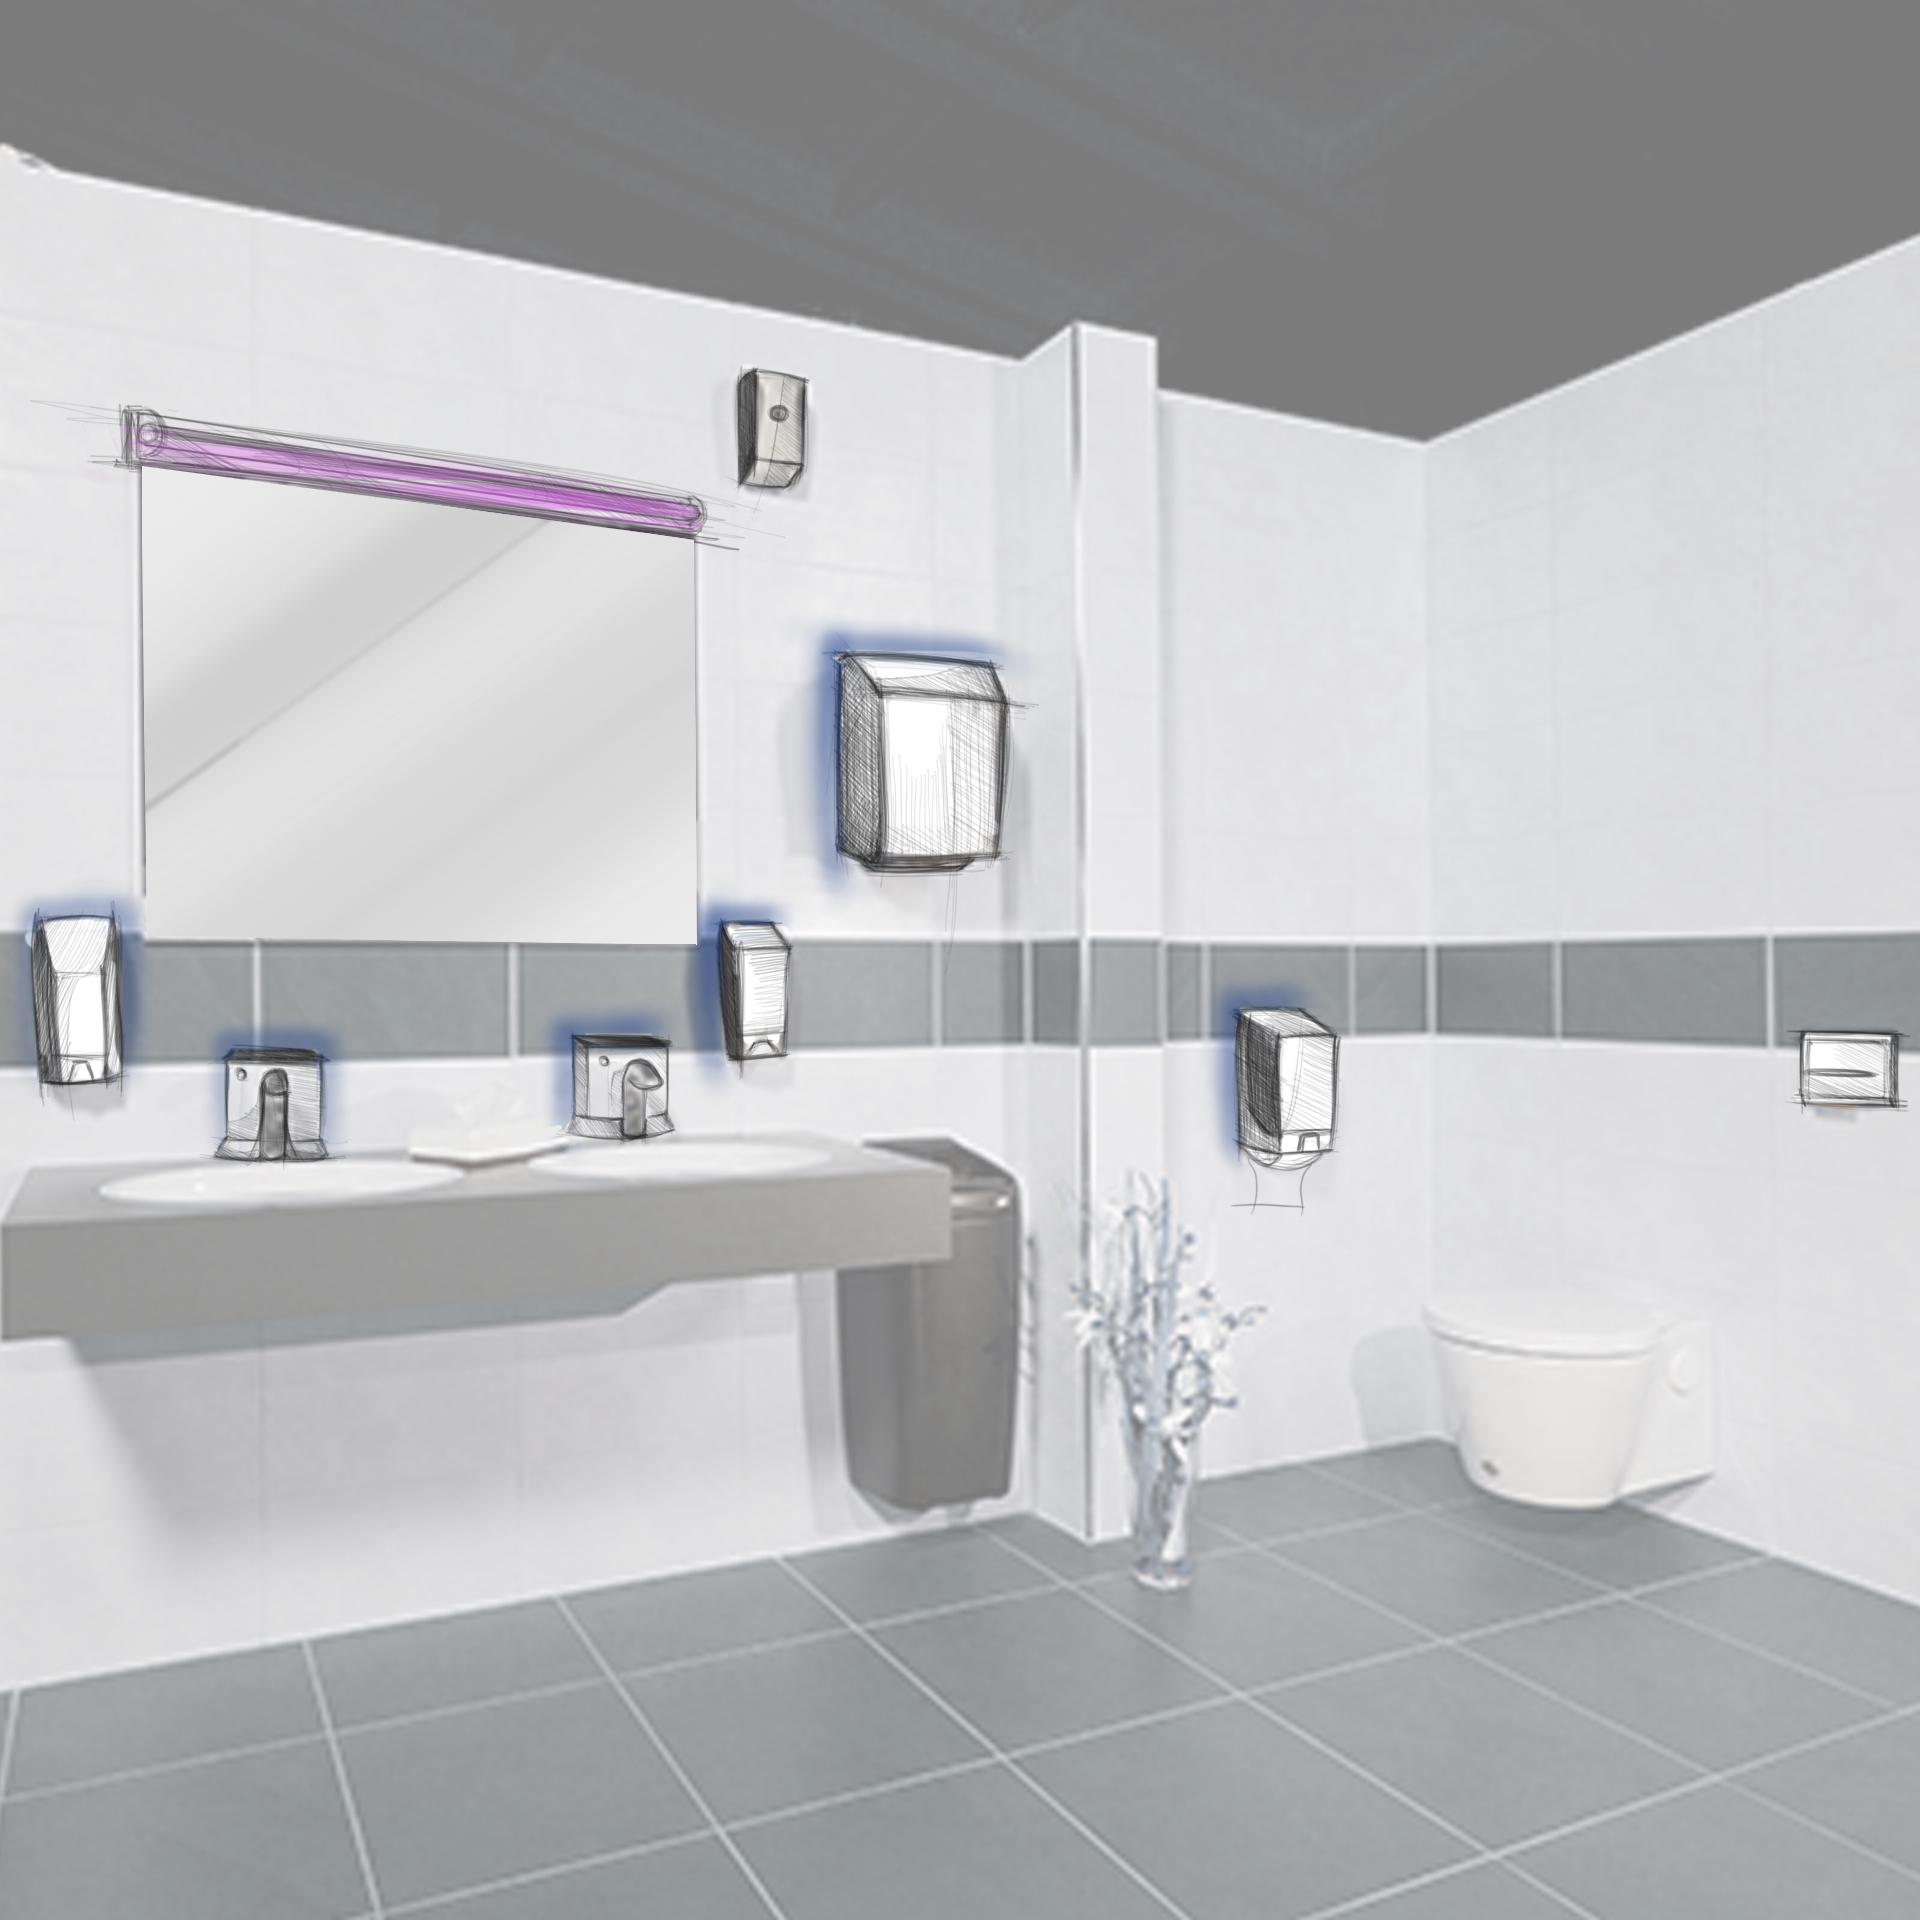 Sanitärraum mit Touchsensoren